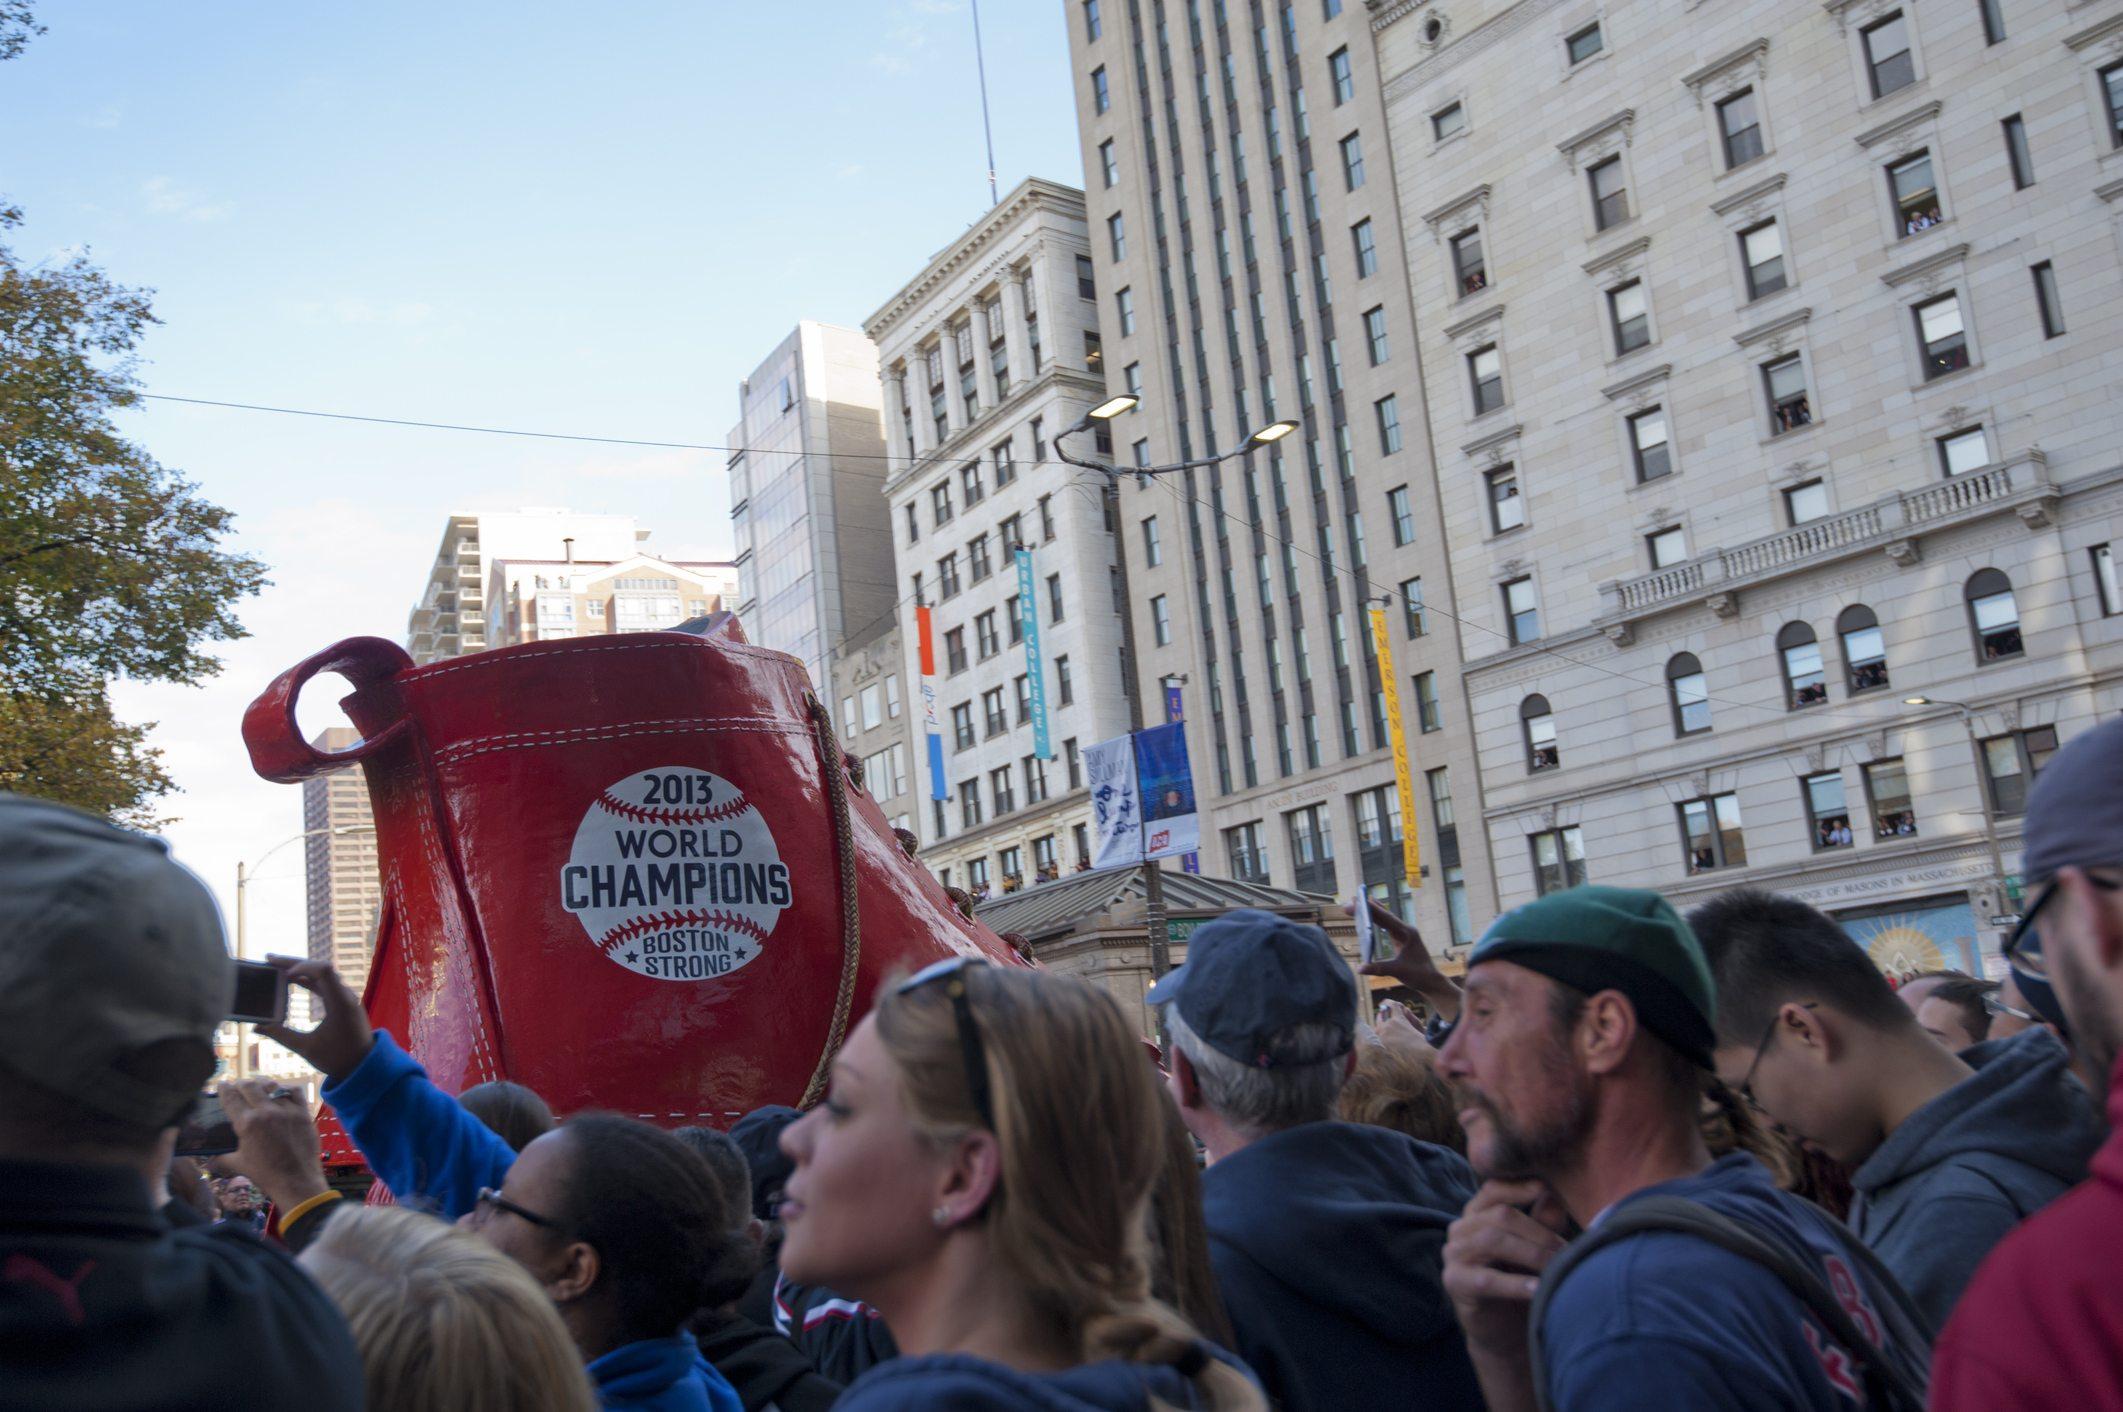 red sox fans at a parade